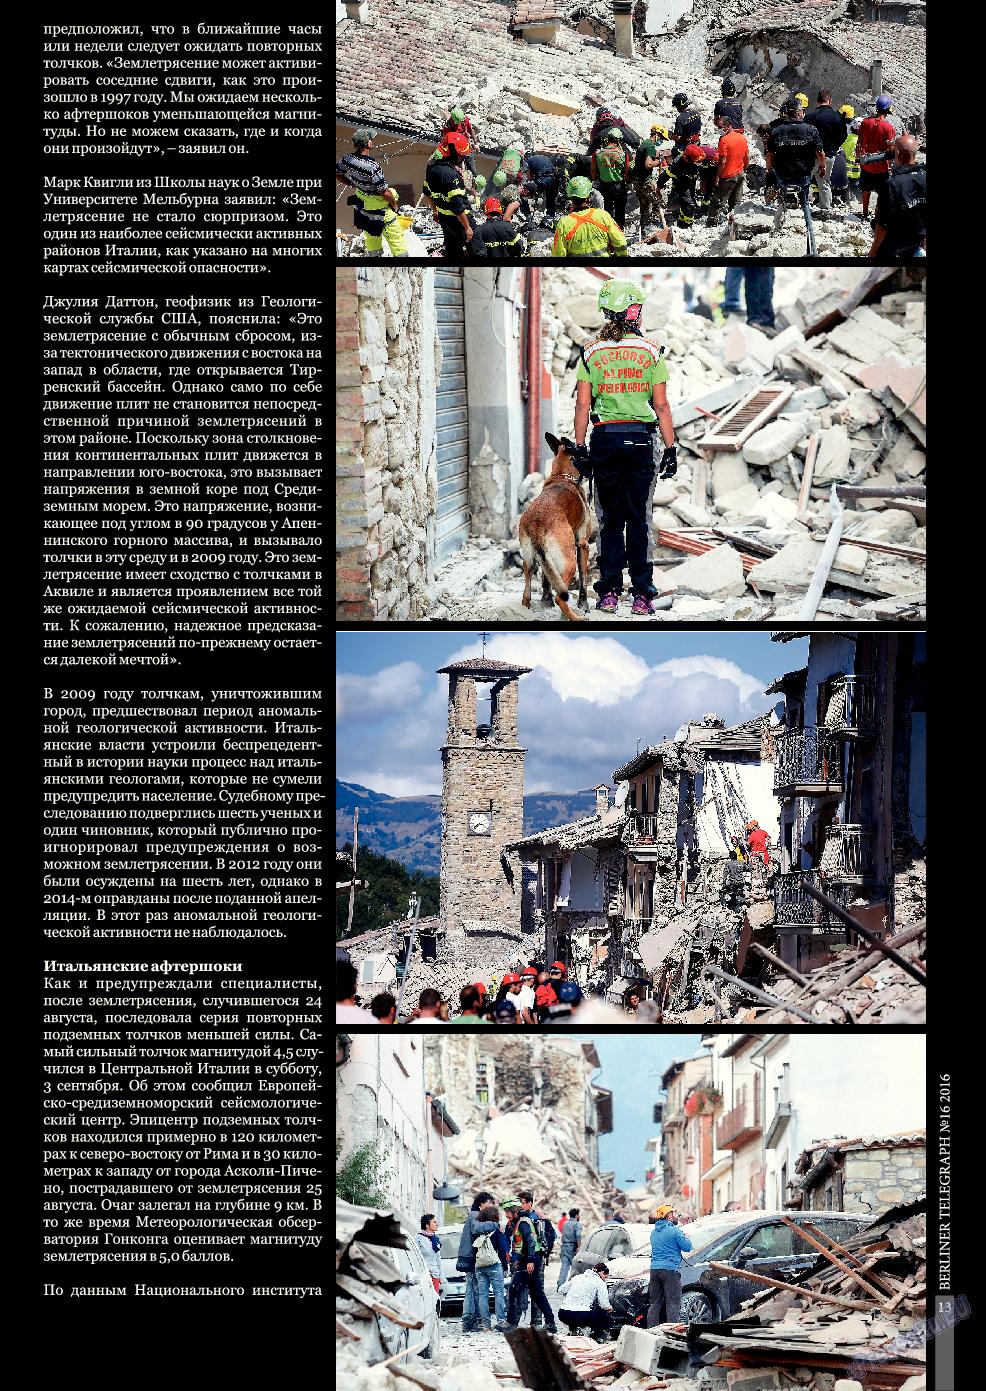 Берлинский телеграф (журнал). 2016 год, номер 16, стр. 13